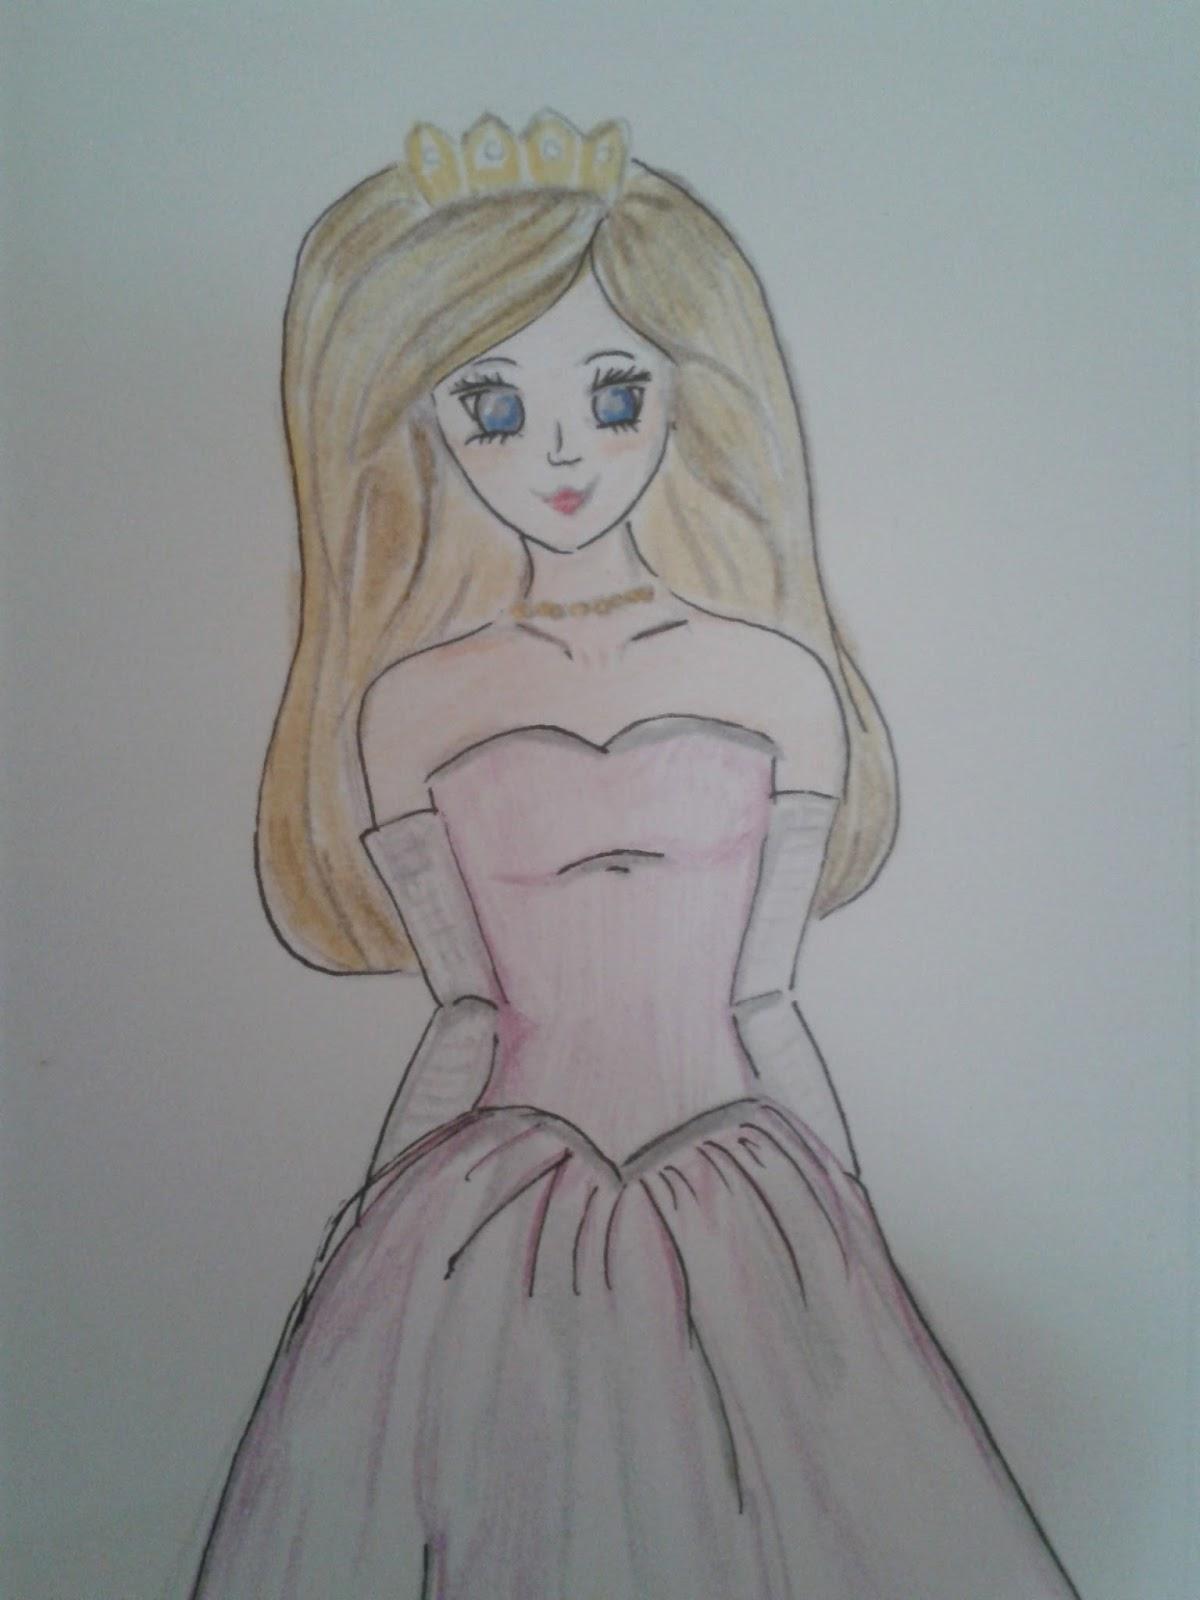 رسومات جميلة وسهلة رسومات رائعة يسهل التعامل معها حبيبي